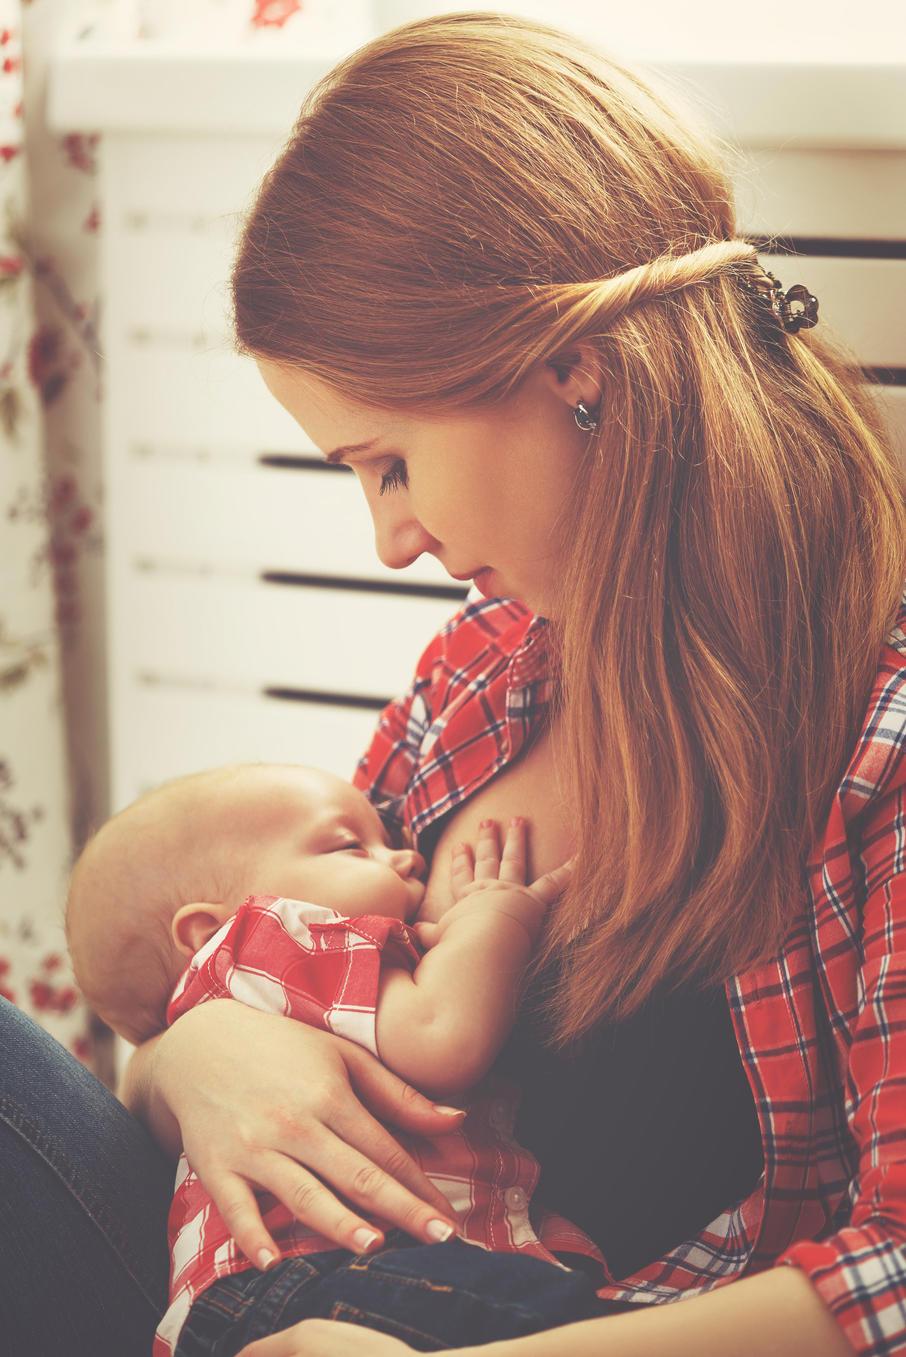 Schwangerschaft milchproduktion anregen ohne Milchbildung anregen: